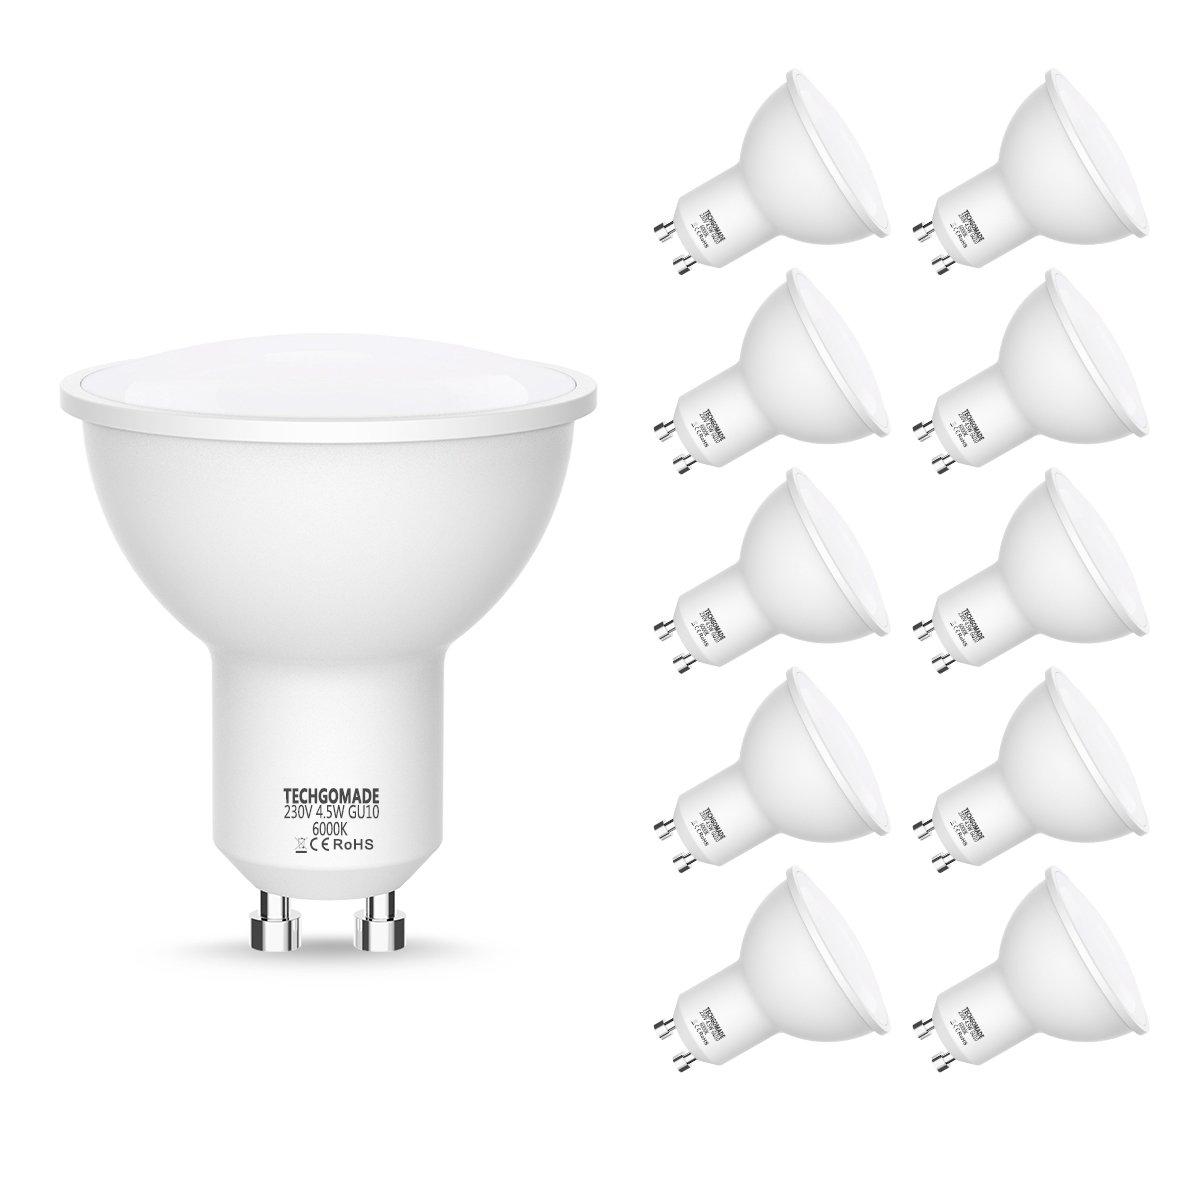 GU10 Techgomade Bombillas LED, Equivalente a Bombillas Haló genas de 50W, Luz Blanca 6000K, 4.5W, 450LM, 220-240V, No Regulable, Ahorro de energí a, 120 grados de iluminació n Equivalente a Bombillas Halógenas de 50W Ahorro de energía